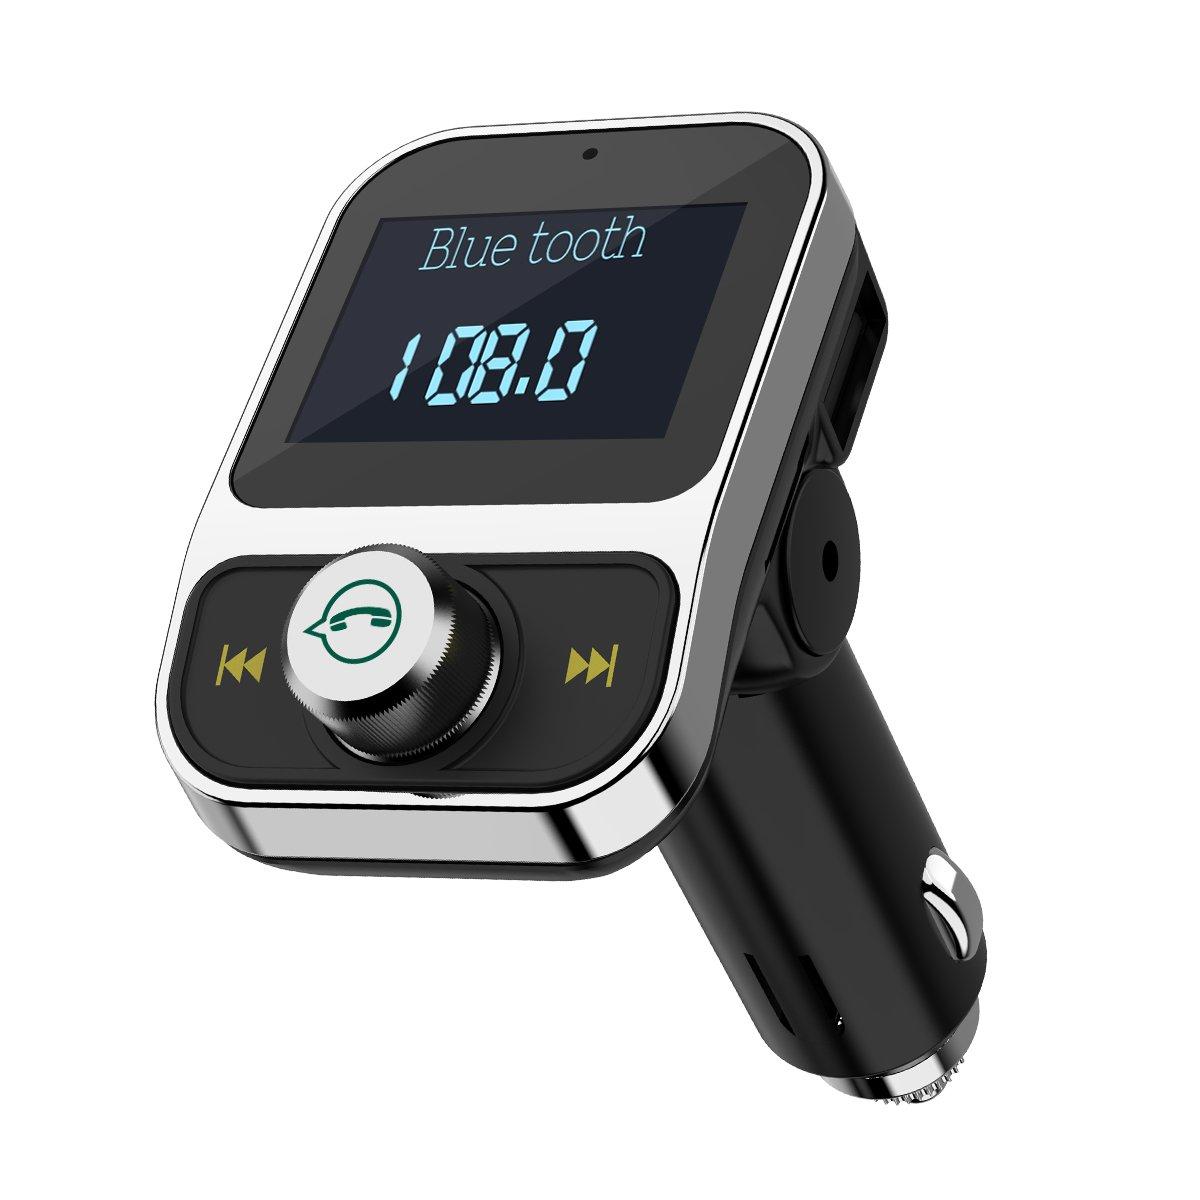 Geosta Bluetooth FMトランスミッター 車用 ワイヤレス Bluetooth ラジオ トランスミッター カーアダプター ハンズフリー通話 3.1A デュアルUSB充電ポート AUX音楽プレーヤー スマートフォン用 B07N19L6NL